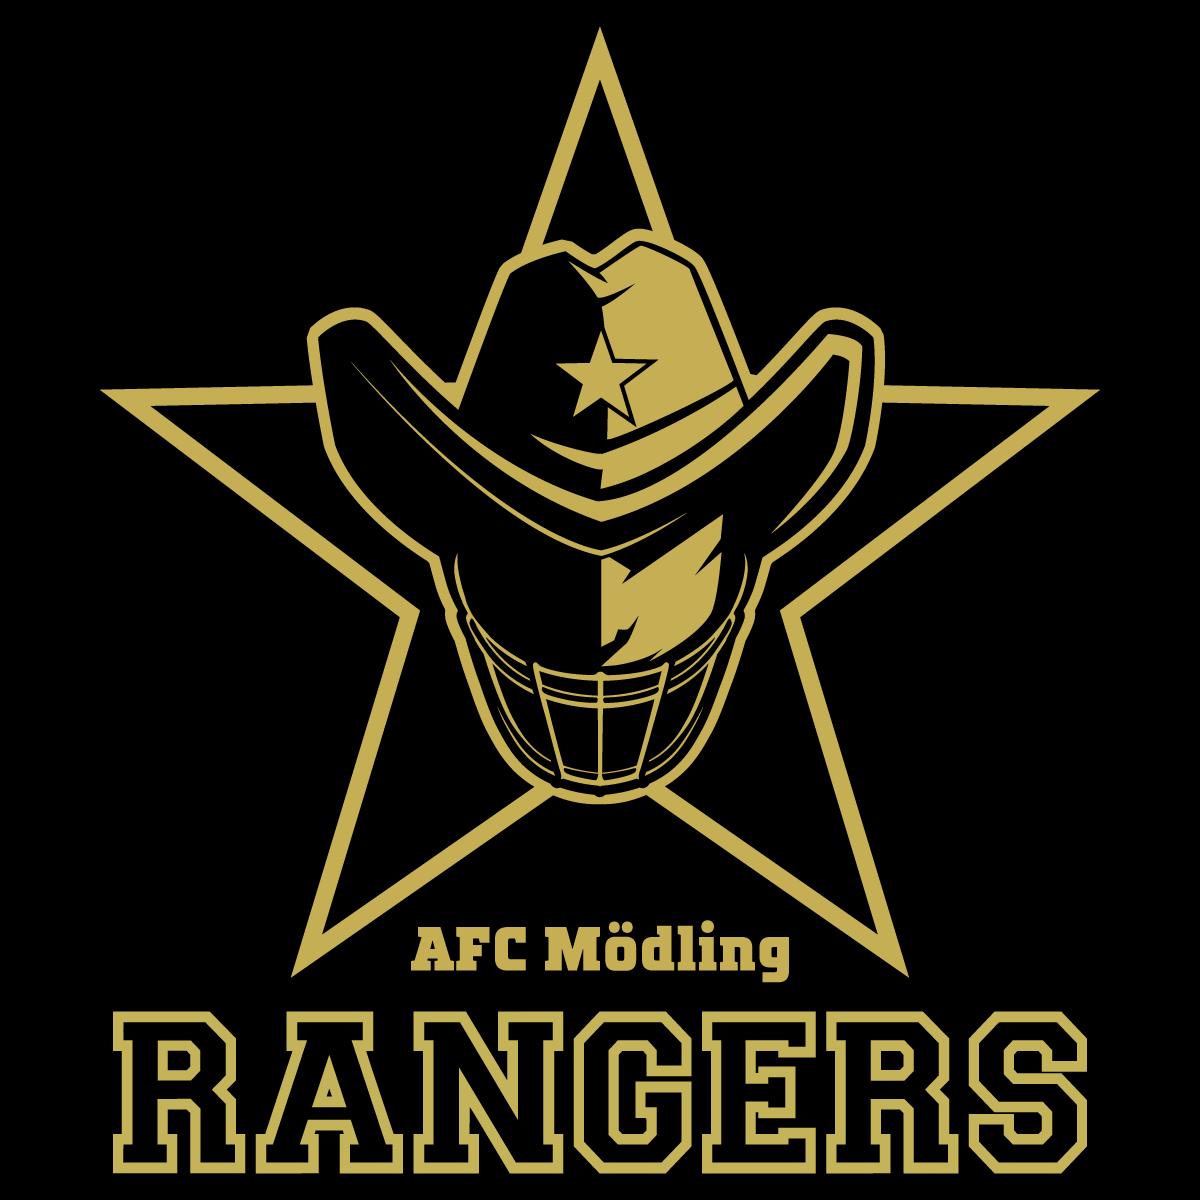 RANGERS Logo auf schwarz